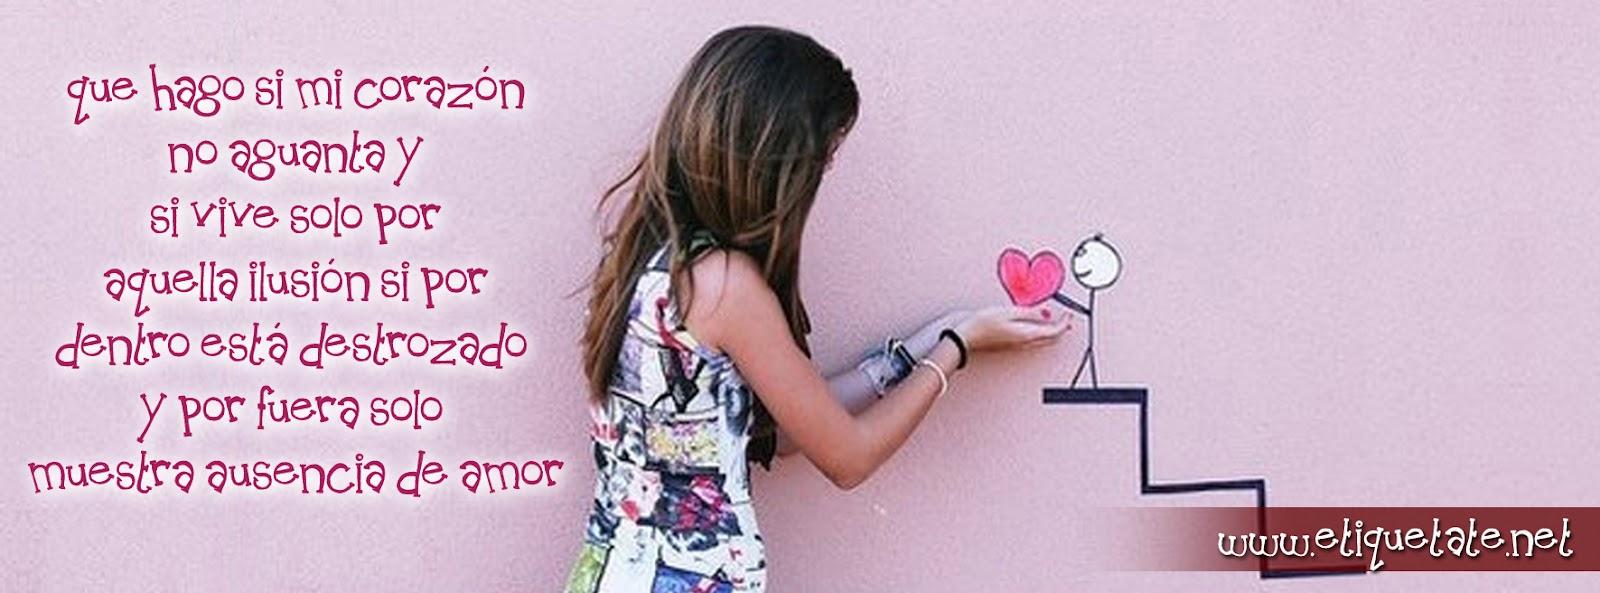 Imagenes Para Facebook Gratis: Imagenes Y Portadas Para Tu Perfil En FACEBOOK